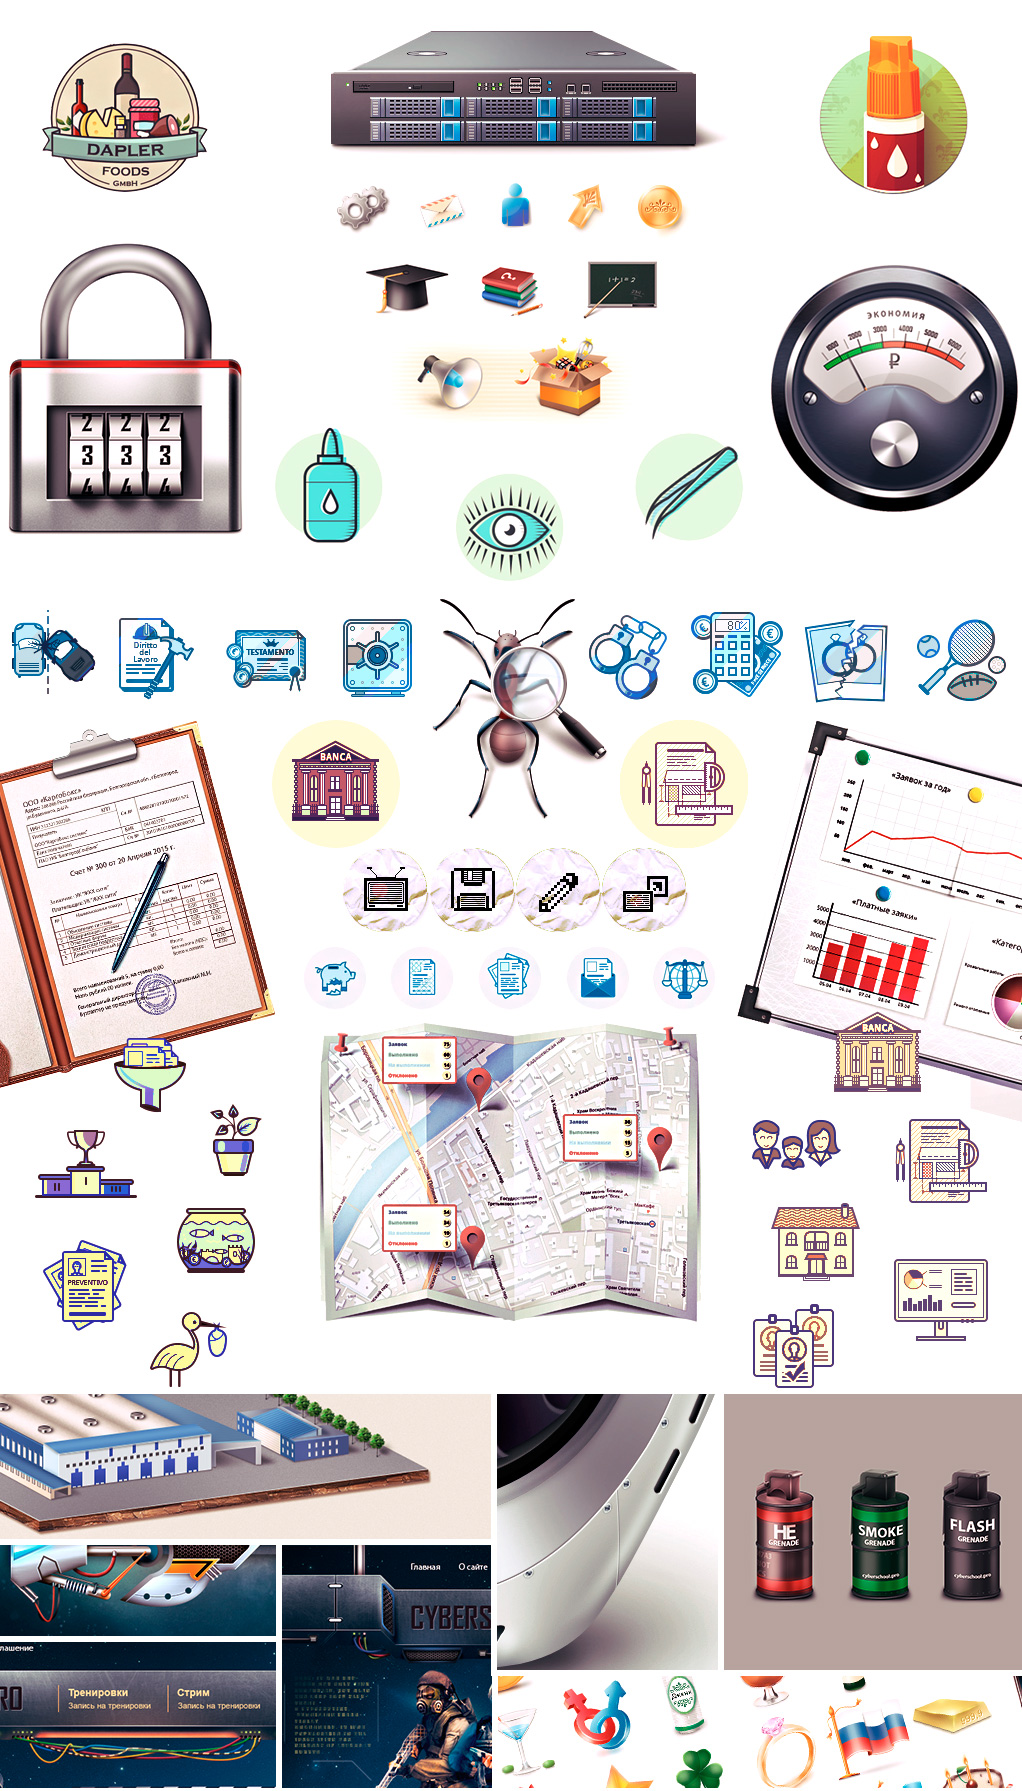 Сборник иконок сделанных в разных стилях